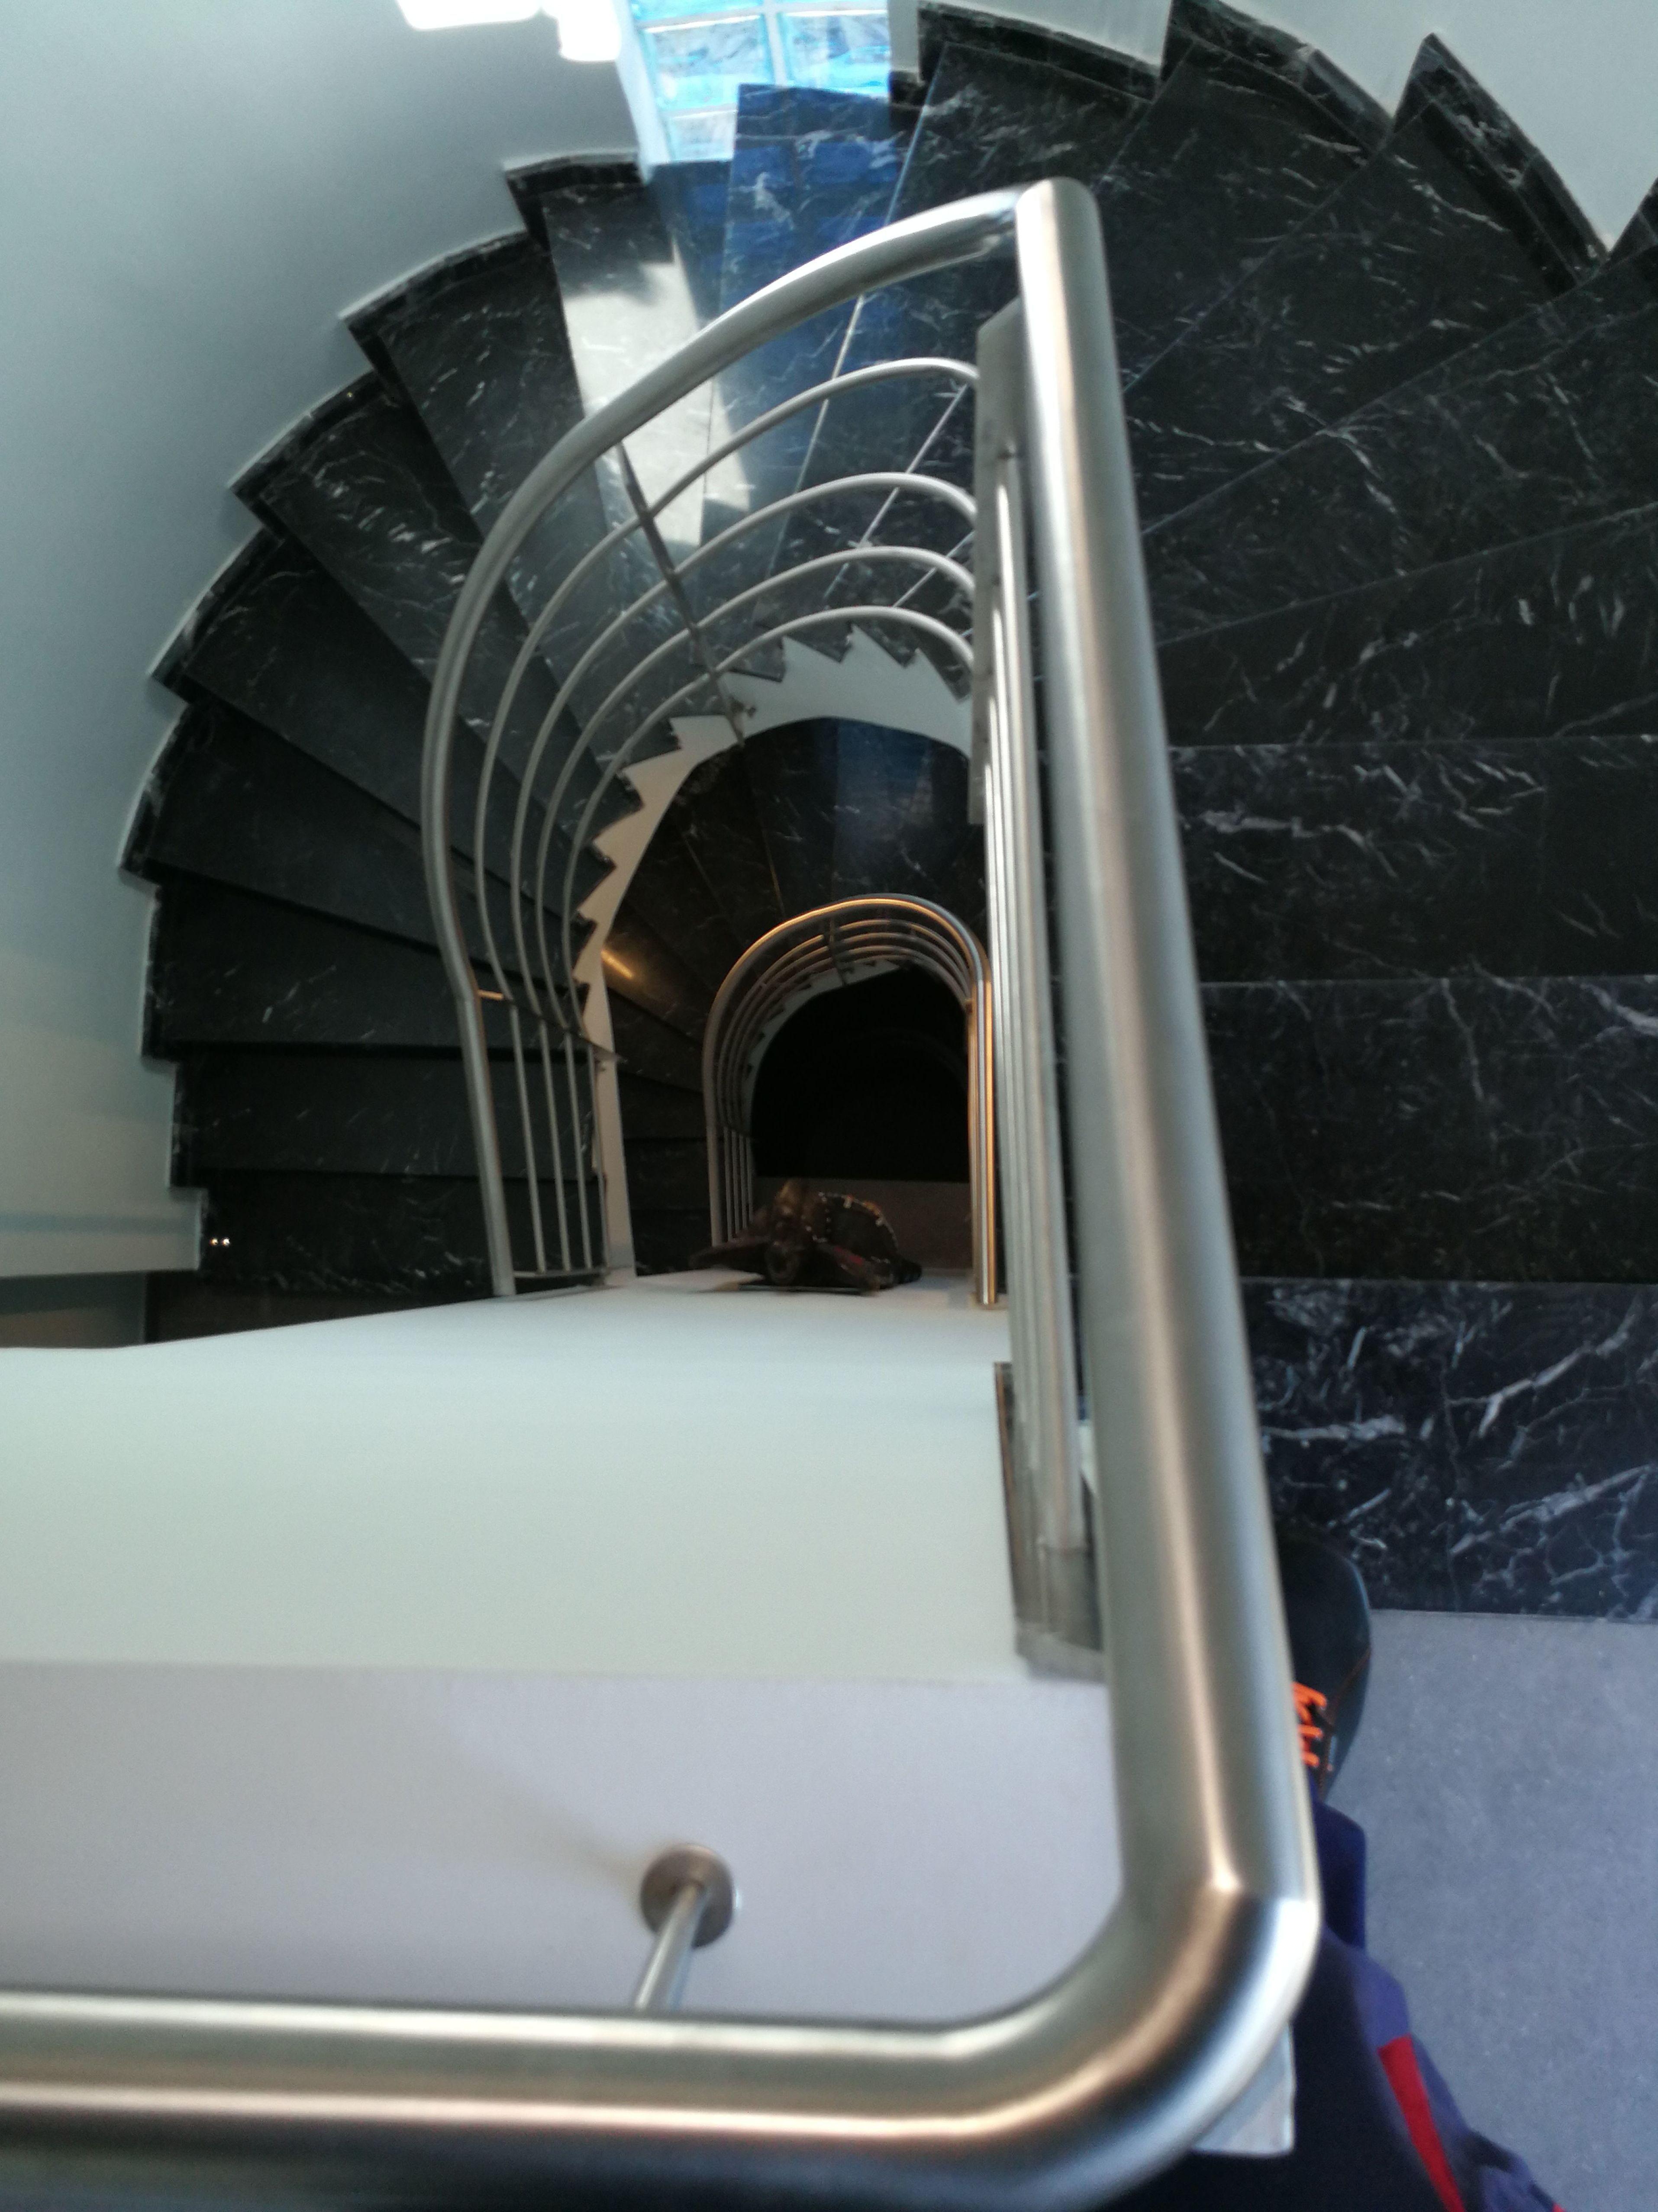 Foto 96 de Especialistas en diseños y proyectos en acero inoxidable en Alcalá de Guadaíra | Icminox